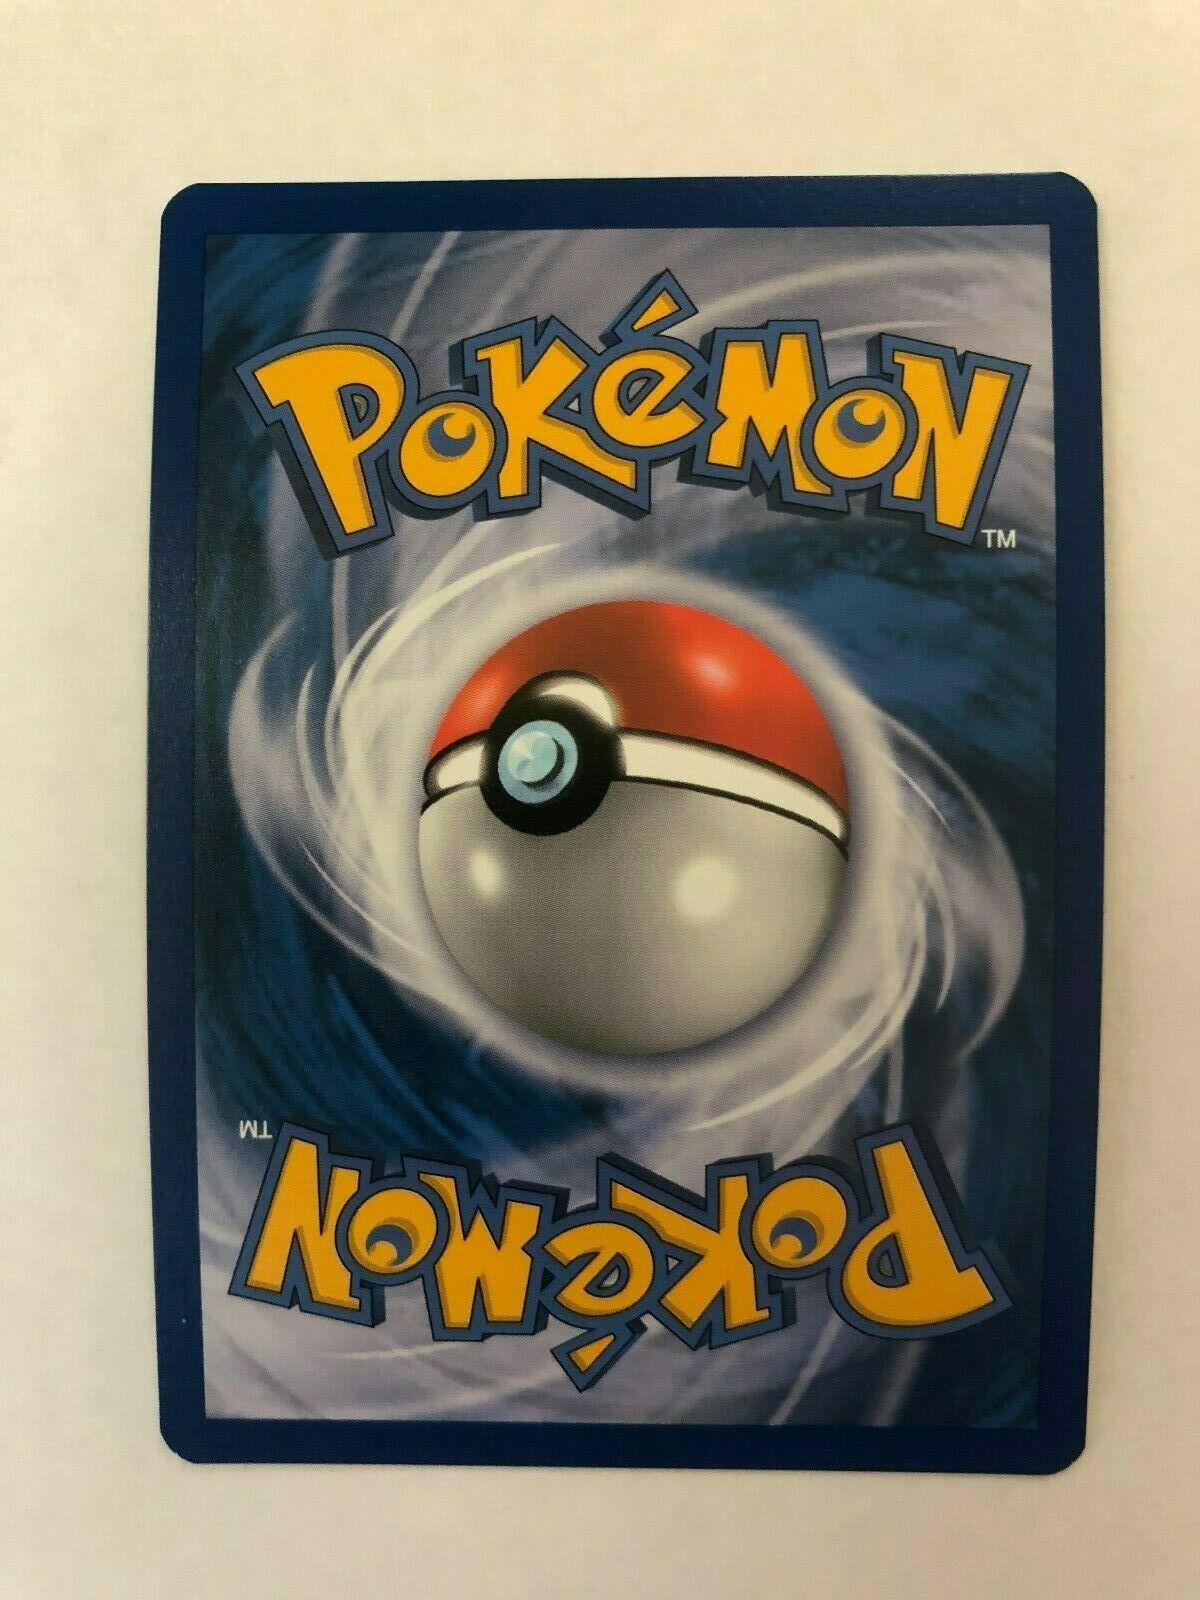 Pokemon HGSS HS Triumphant Prerelease Promo Electivire 20/102 - NM/MT - Image 2